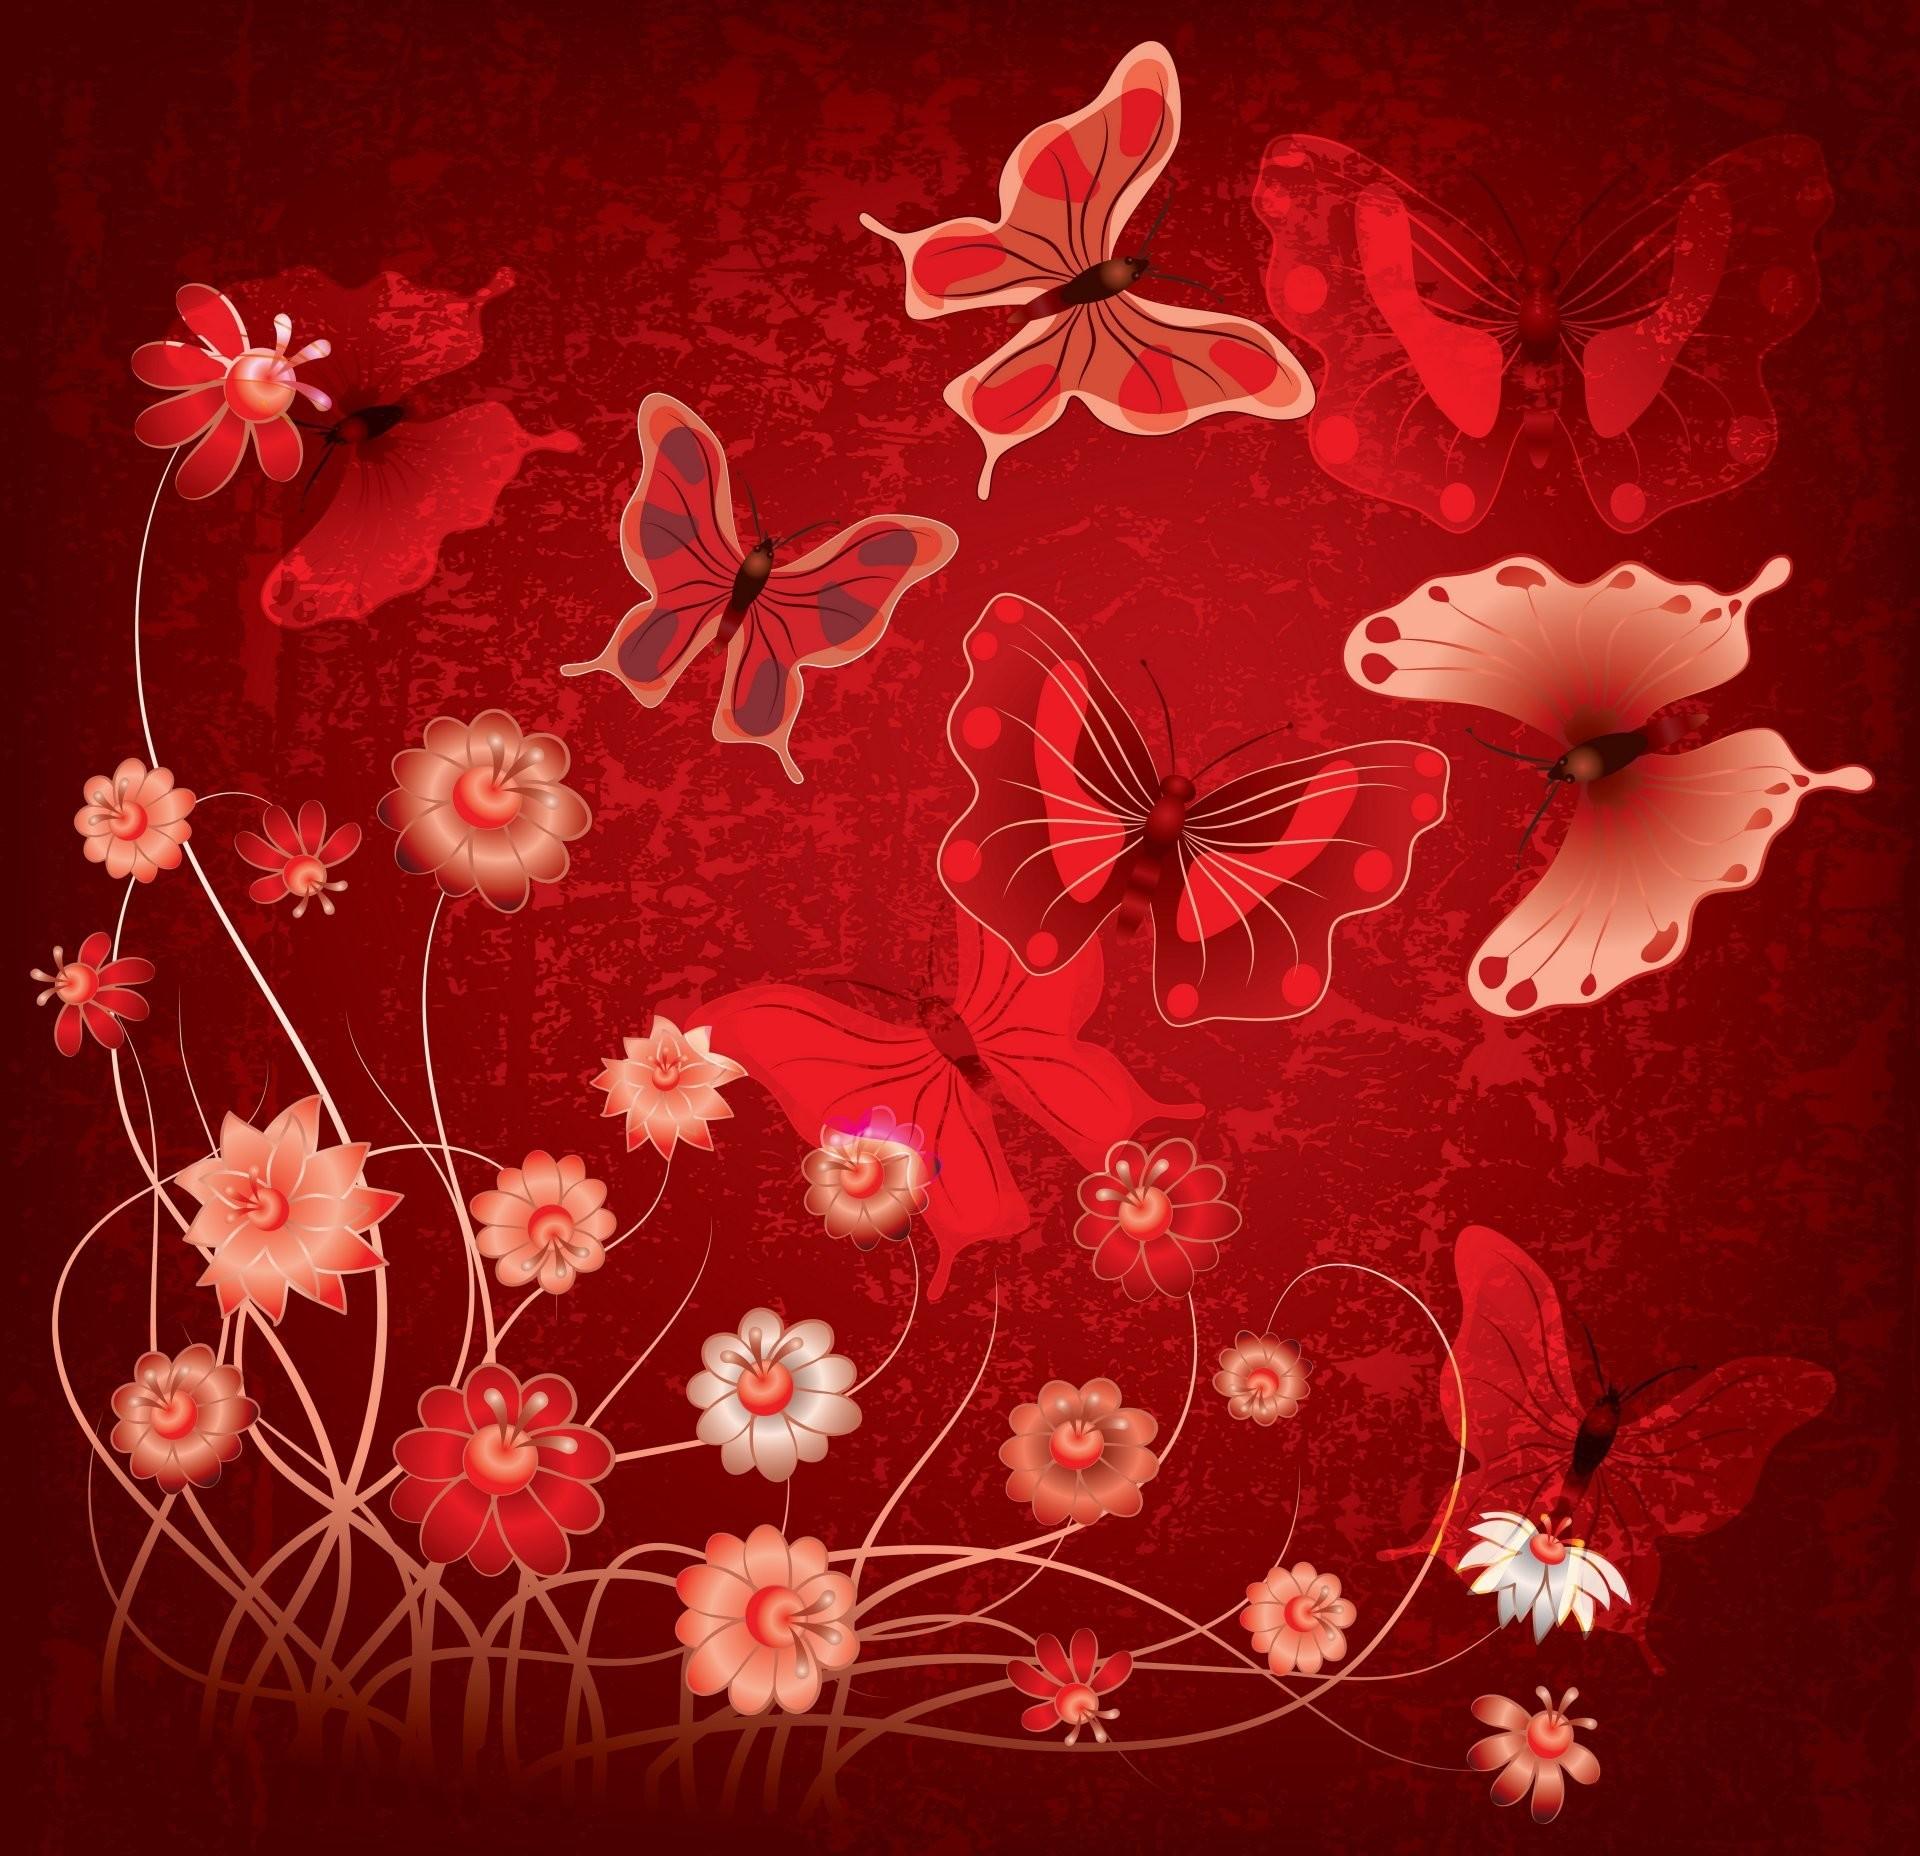 abstract grunge butterflies flowers design butterfly flower red